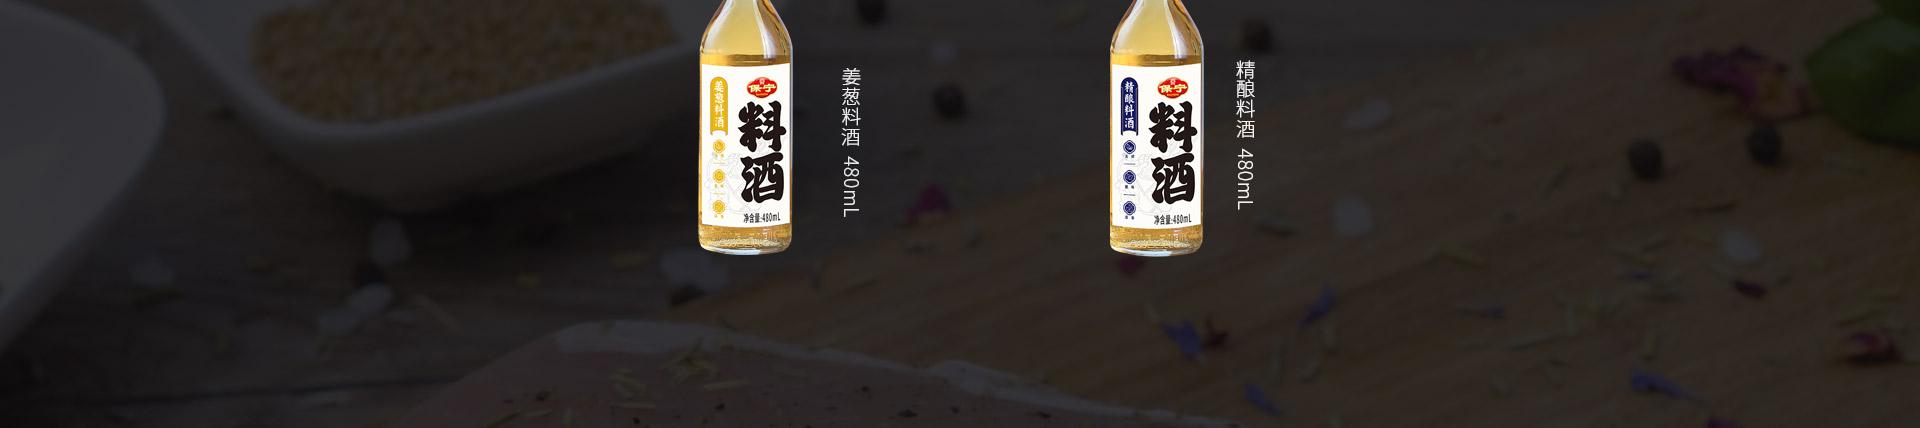 产品-料酒_05.jpg